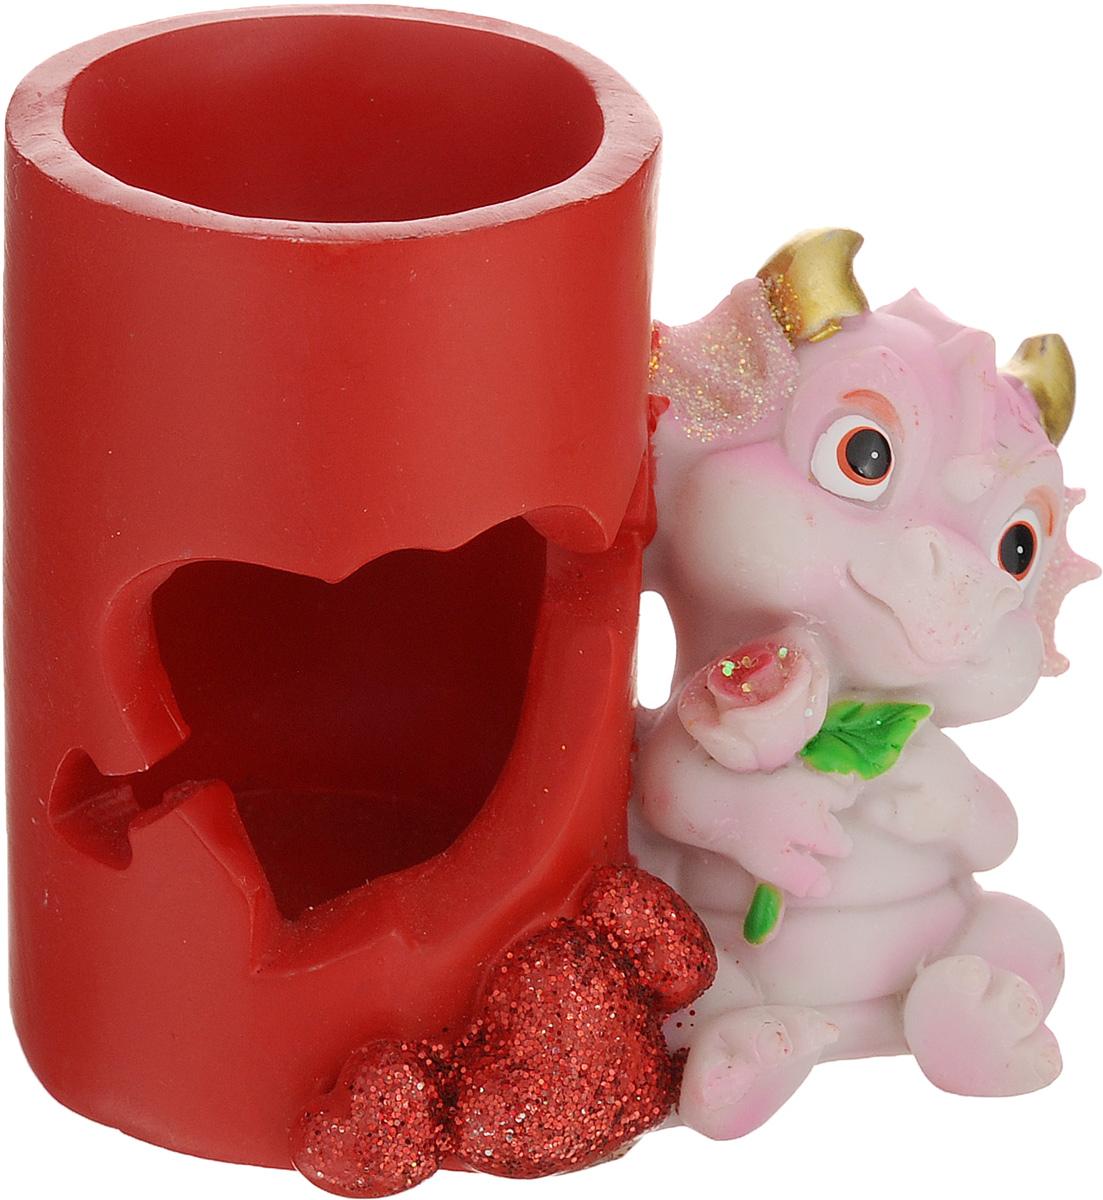 Статуэтка декоративная Lunten Ranta Розовый дракончик с розой, с подставкой для ручек60278_с розойОчаровательная статуэтка Lunten Ranta Розовый дракончик с розой станет оригинальным подарком для всех любителей стильных вещей. Она выполнена из полирезина в виде забавного дракончика и имеет удобную поставку для ручек. Изысканный сувенир станет прекрасным дополнением к интерьеру. Вы можете поставить статуэтку в любом месте, где она будет удачно смотреться и радовать глаз. Общий размер статуэтки (с учетом подставки): 8,5 х 5 х 7 см. Размер подставки: 4,5 х 4,5 х 7 см.